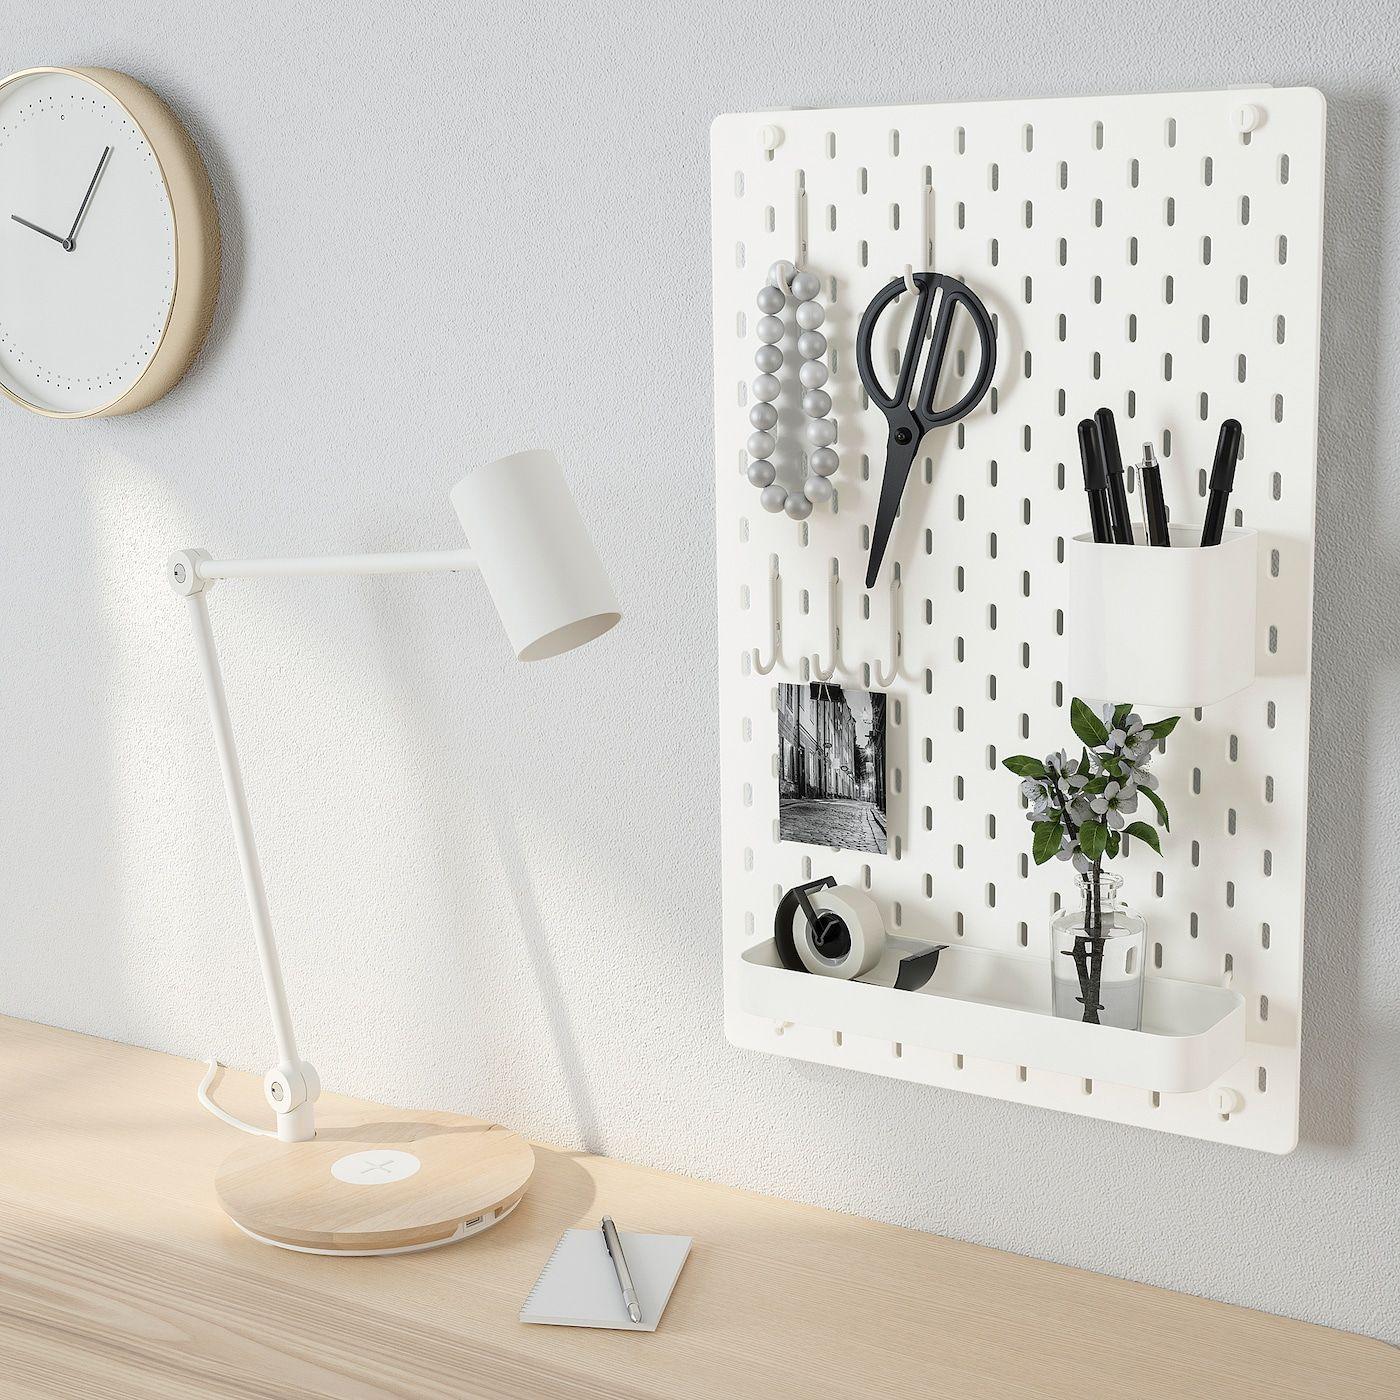 Skadis Lochplatte Kombination Weiss Heute Noch Bestellen Ikea Osterreich In 2020 Ikea Peg Board Home Office Furniture